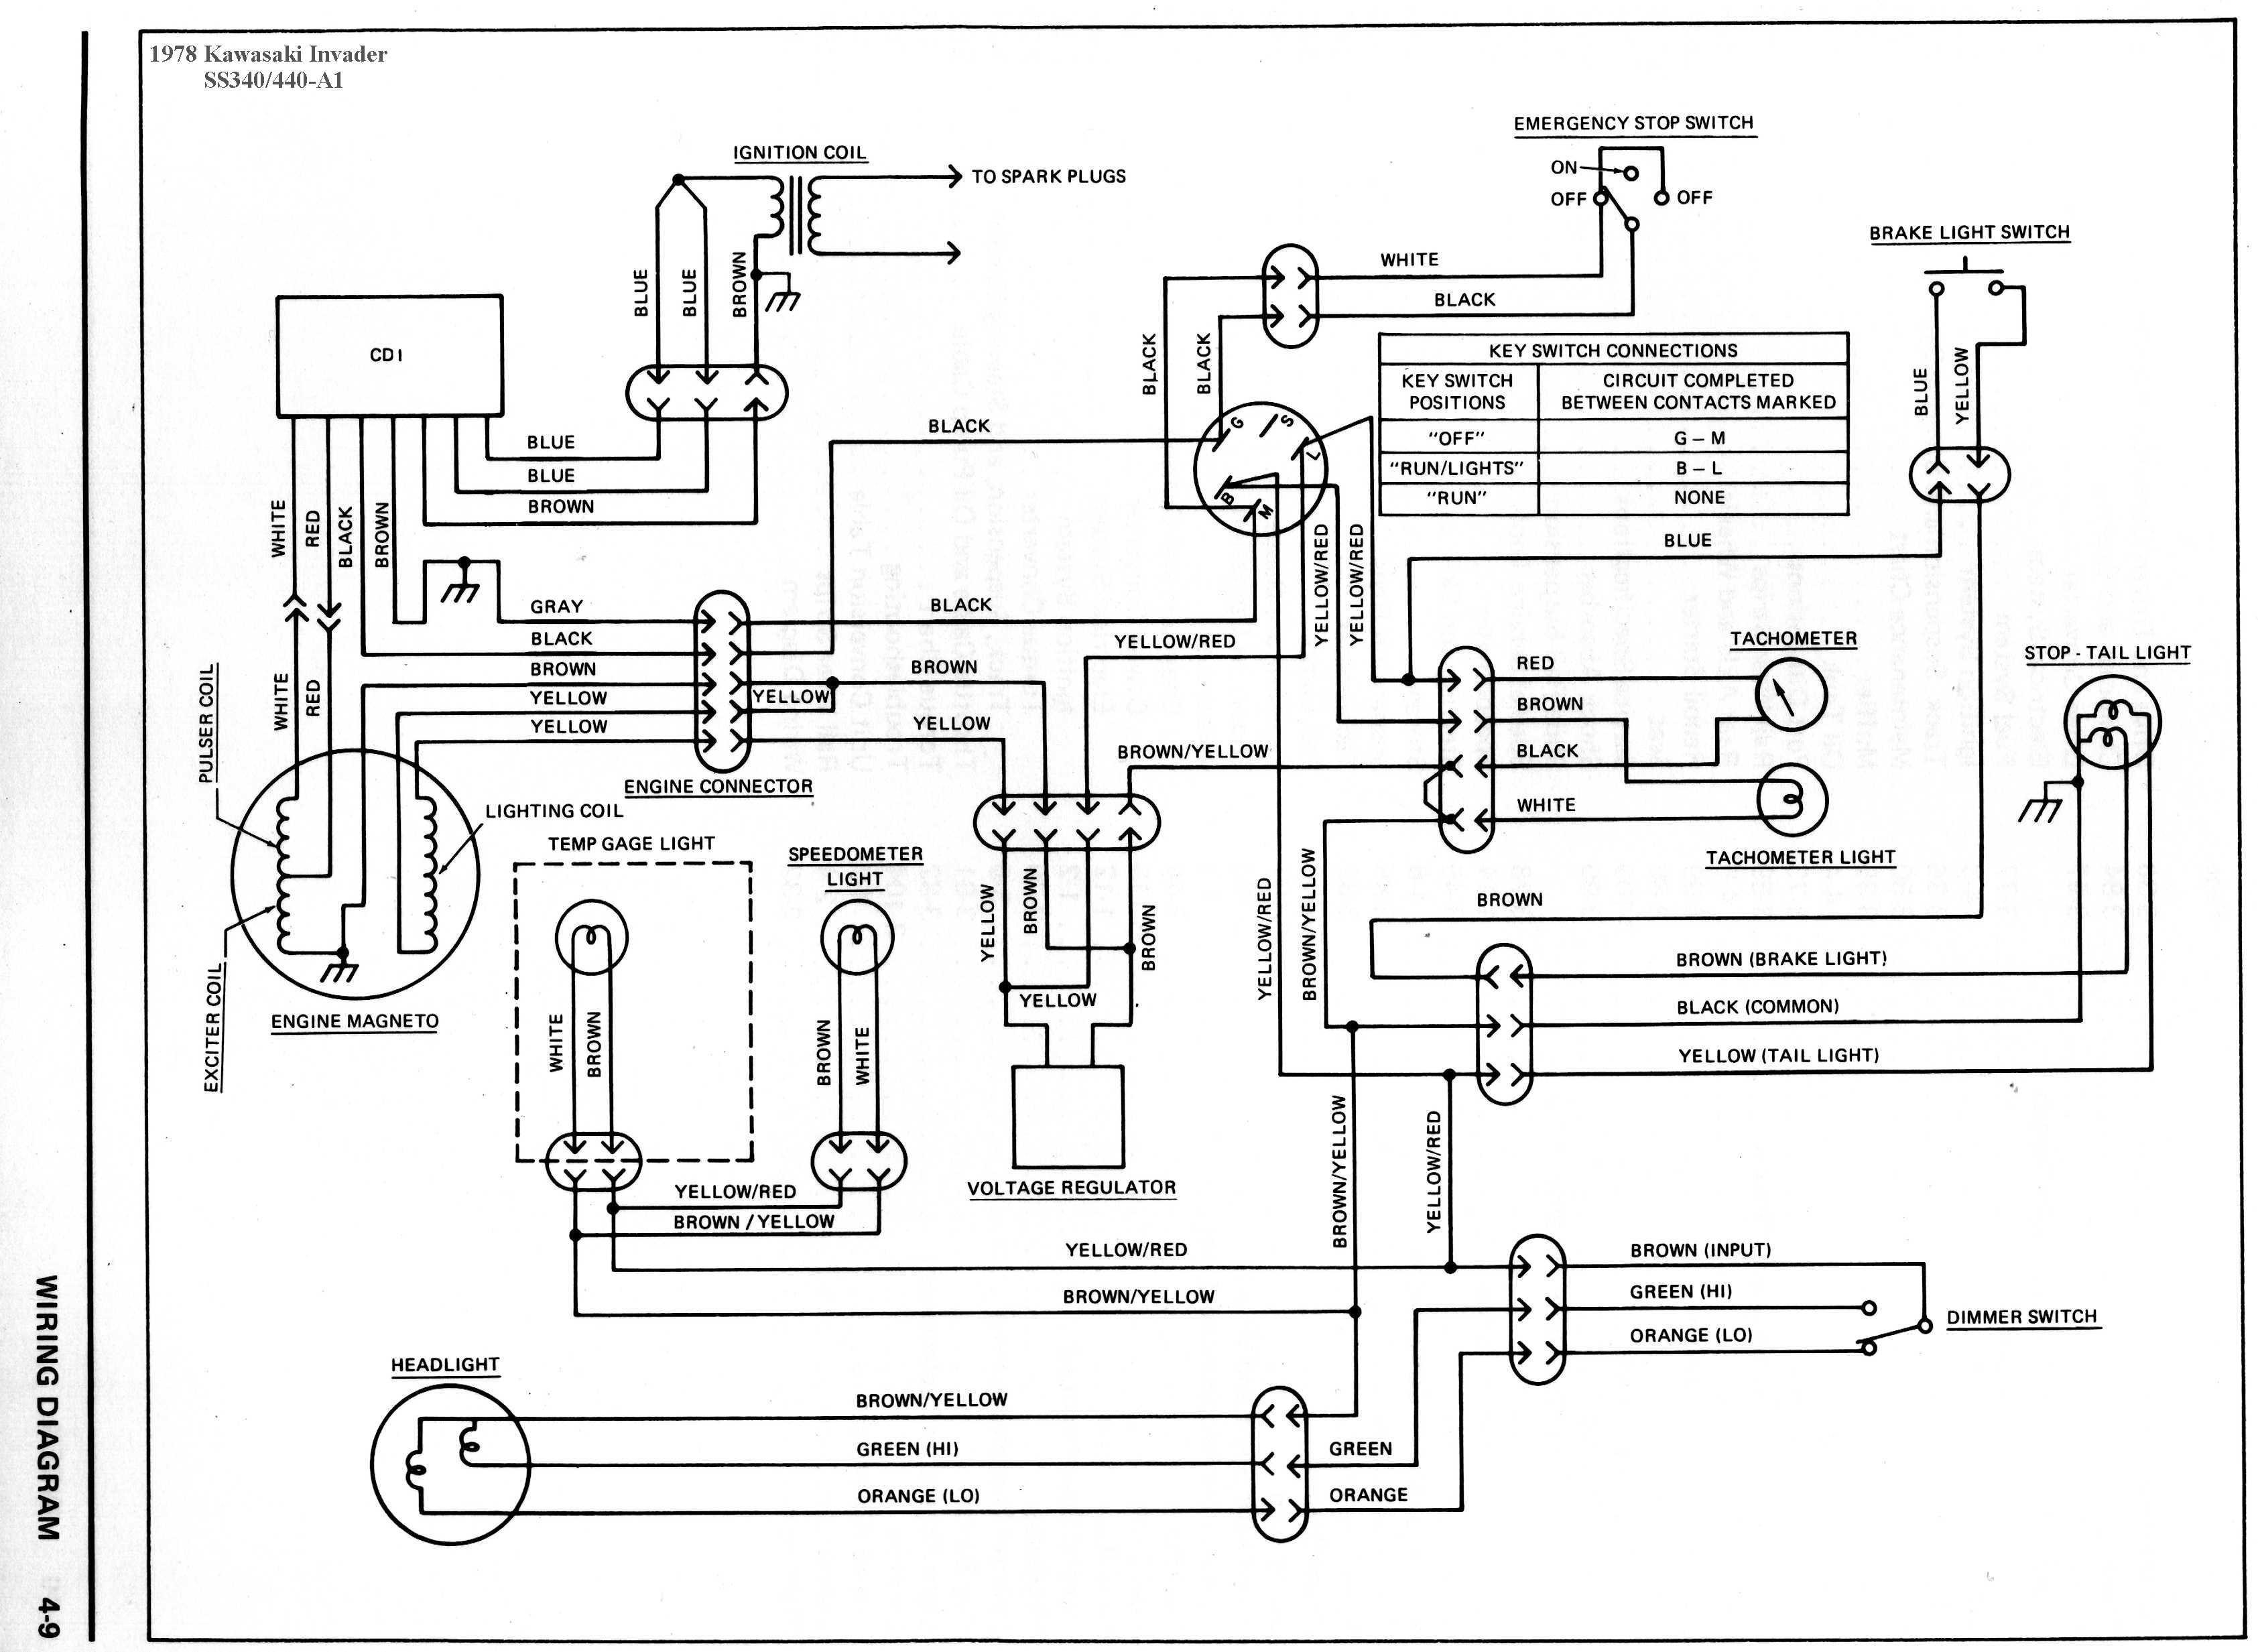 Kawasaki Mule 550 Wiring Diagram | Wiring Diagram on